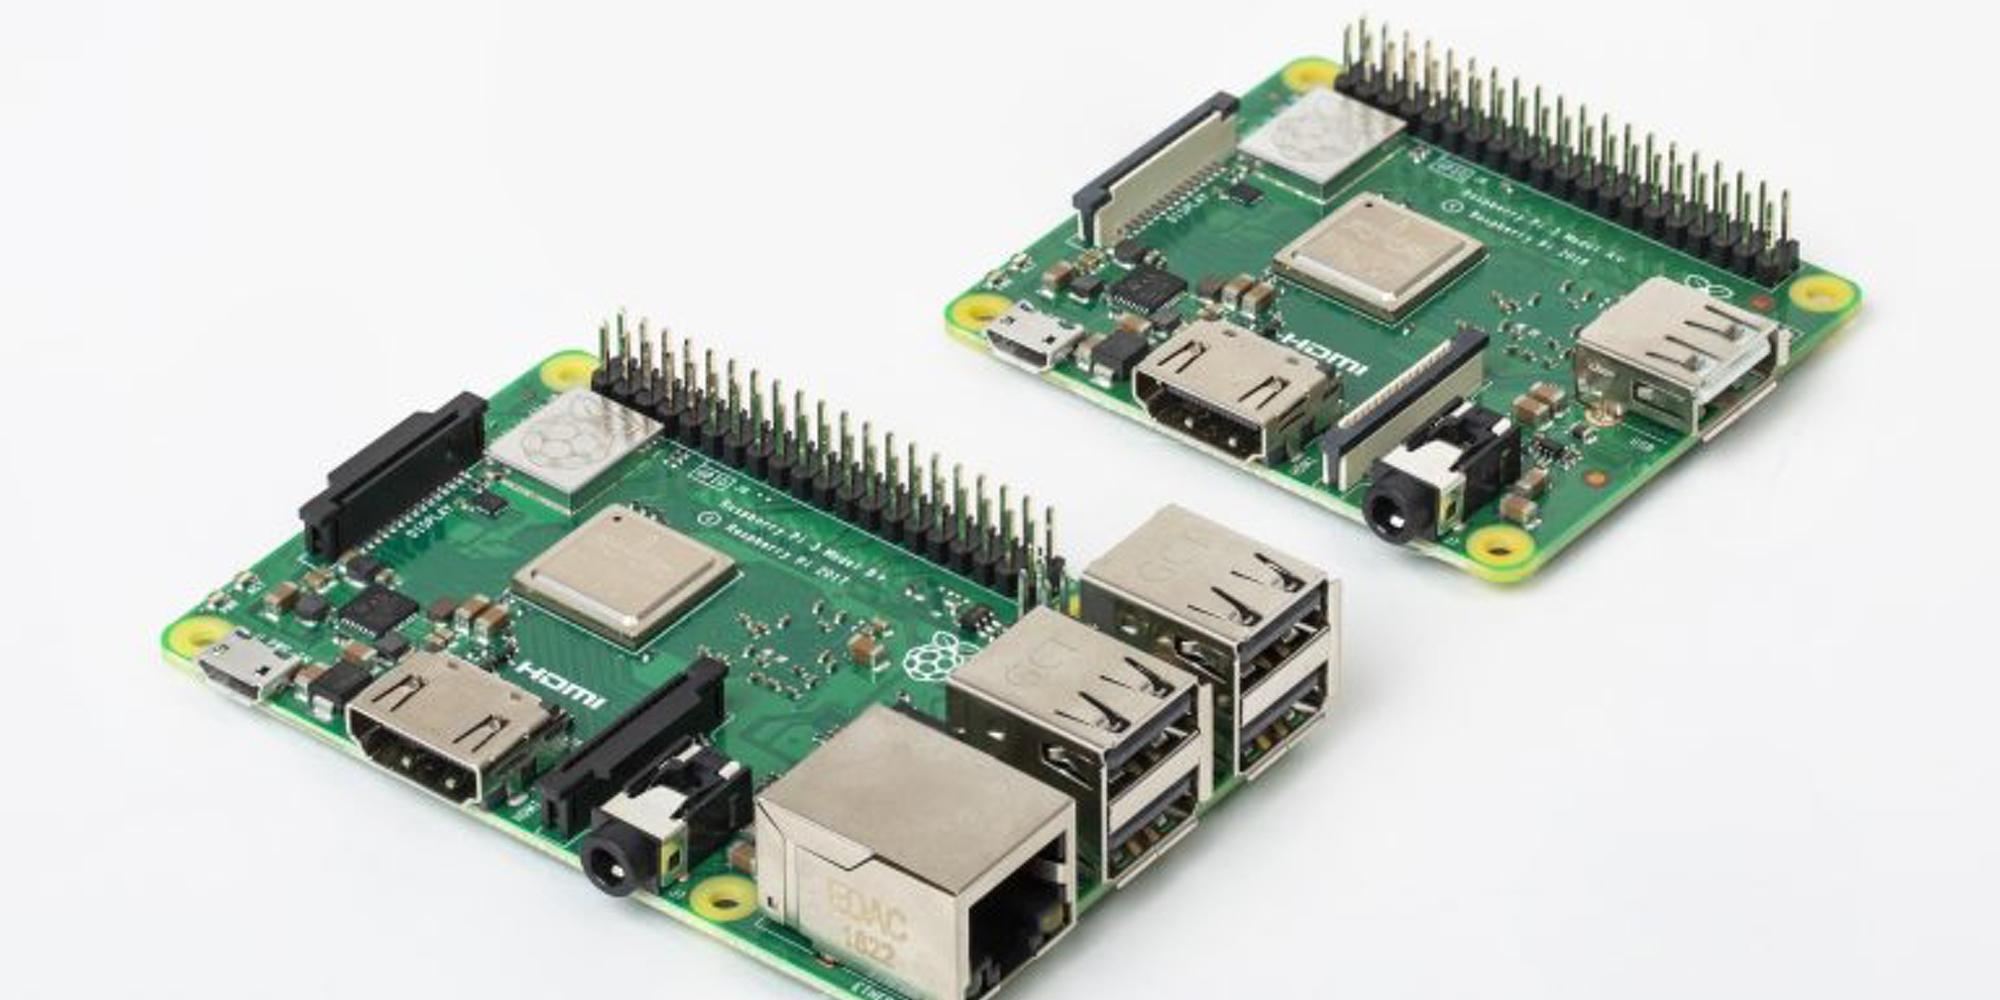 Raspberry Pi3 Model A+ Comparison